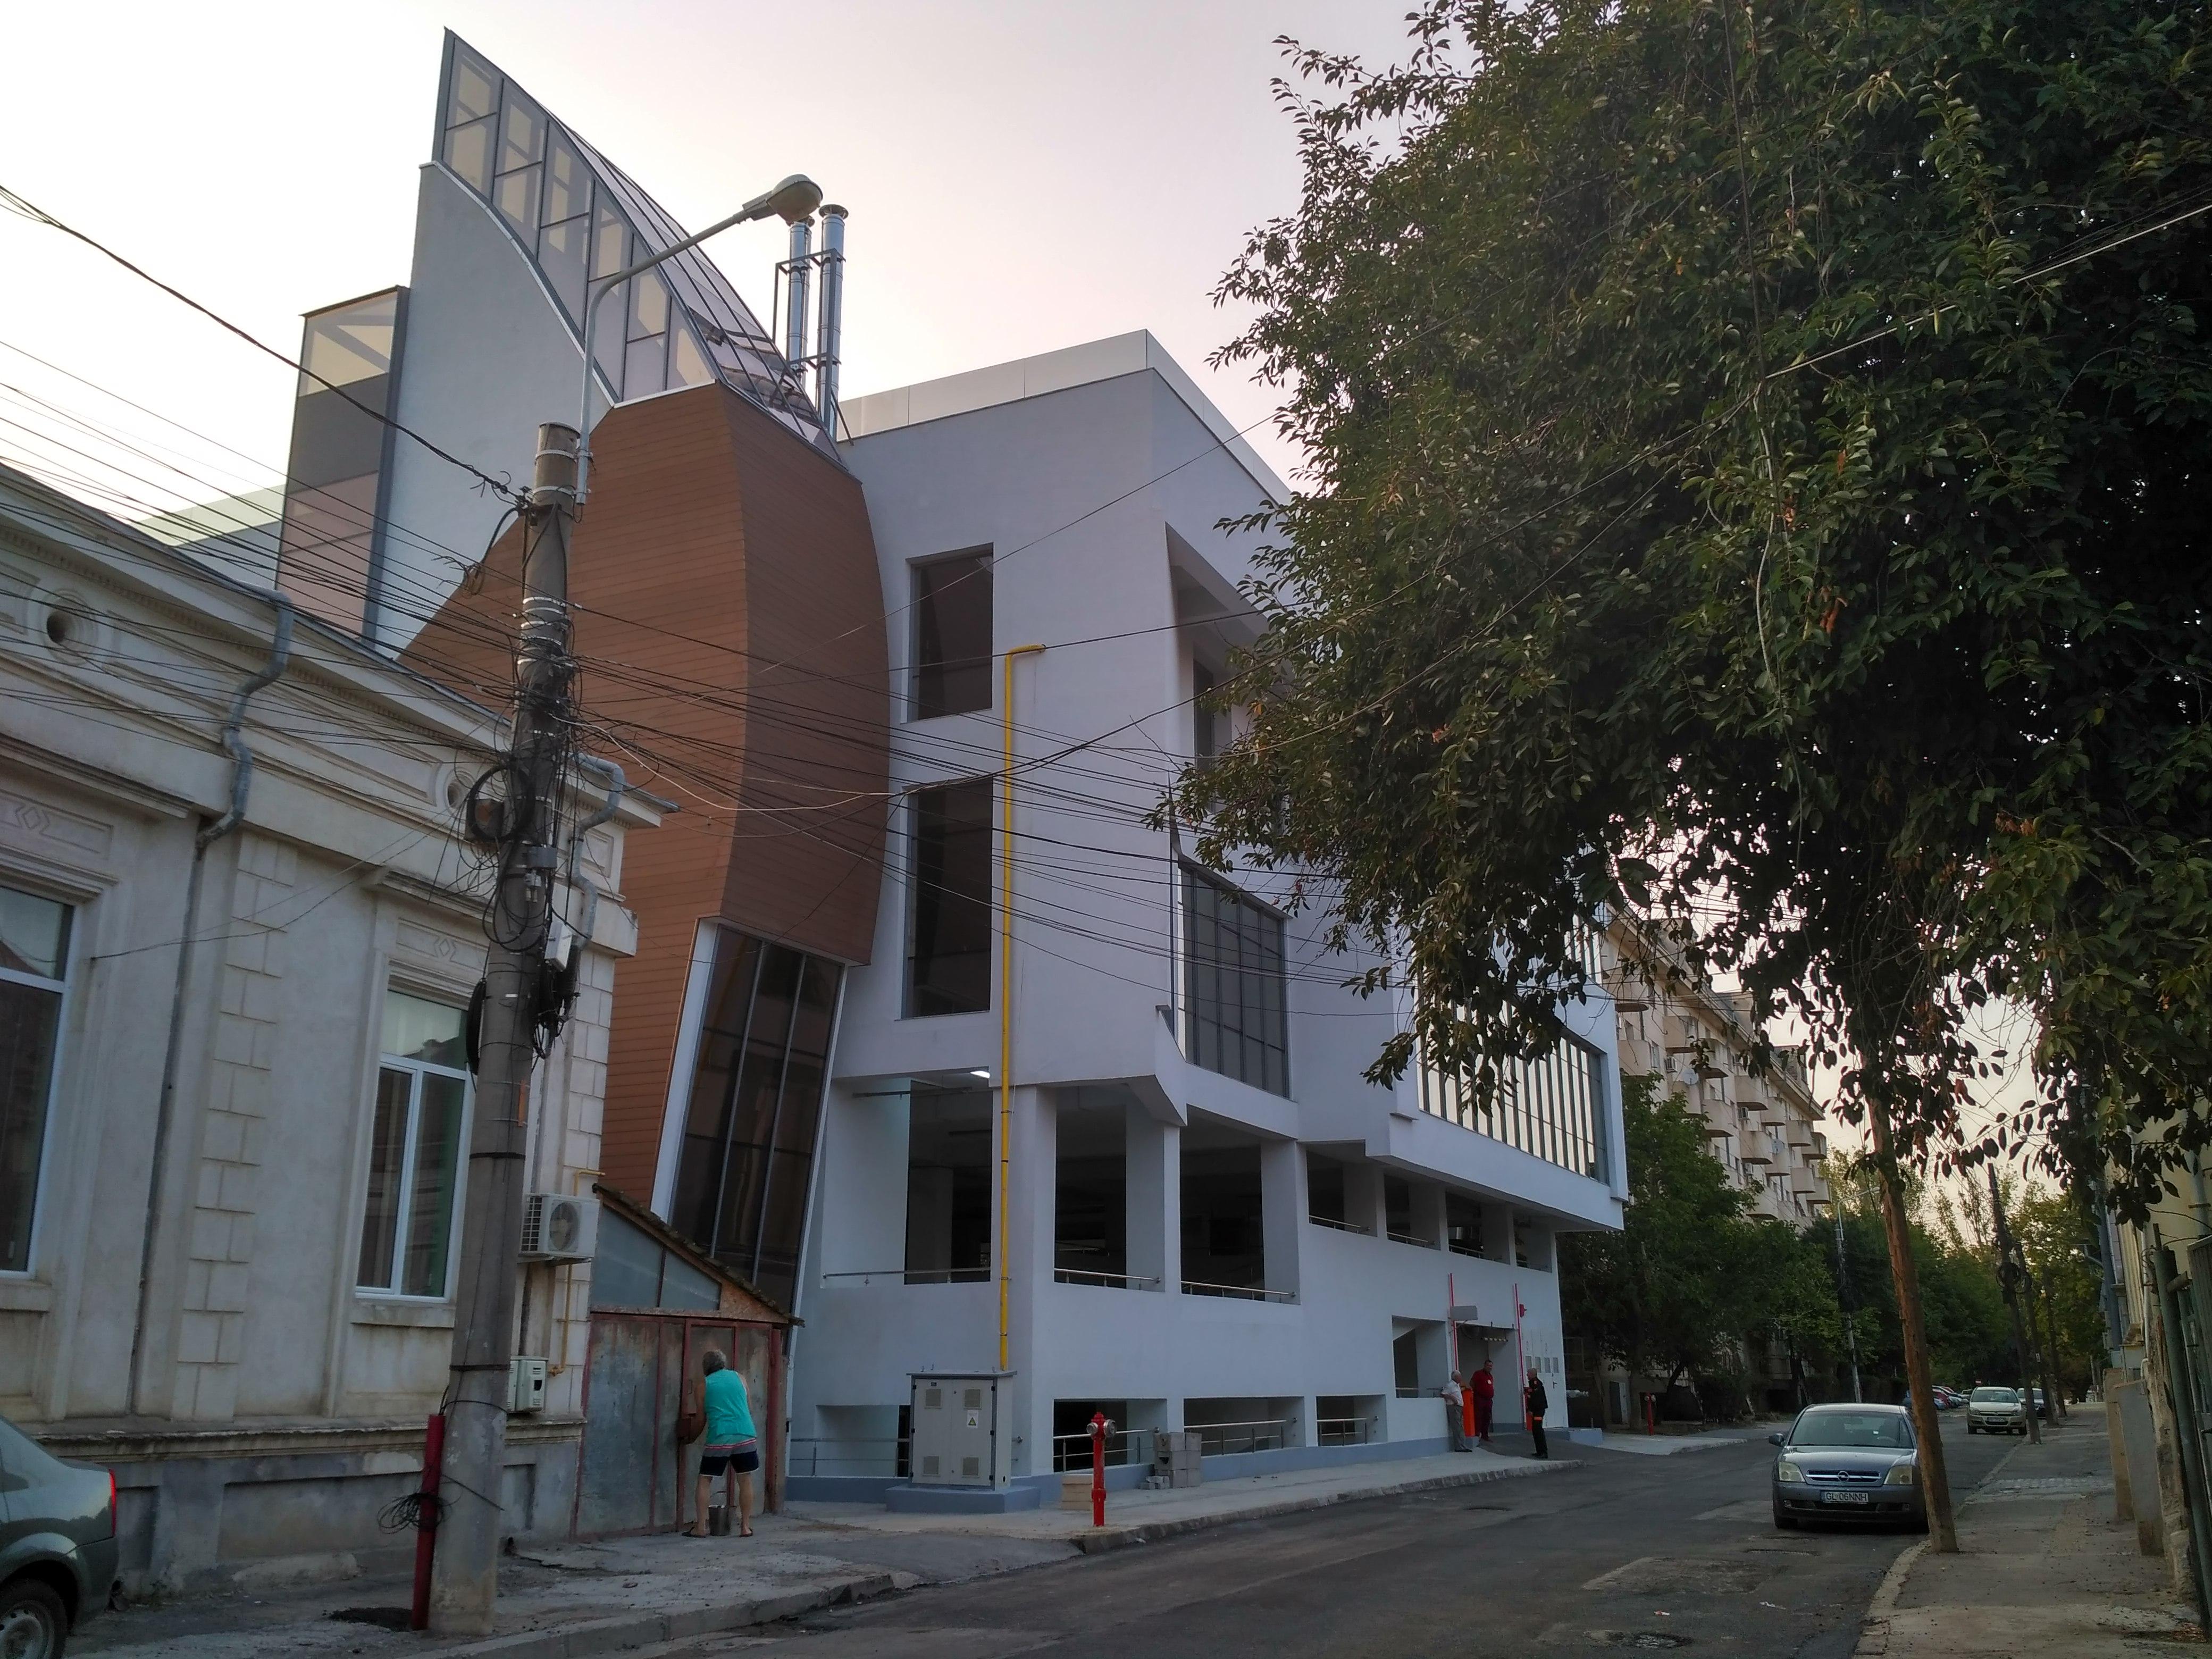 Galaţi: Noua Primărie, un colos din sticlă şi metal ridicat în zona istorică protejată a oraşului, a fost inaugurată 9